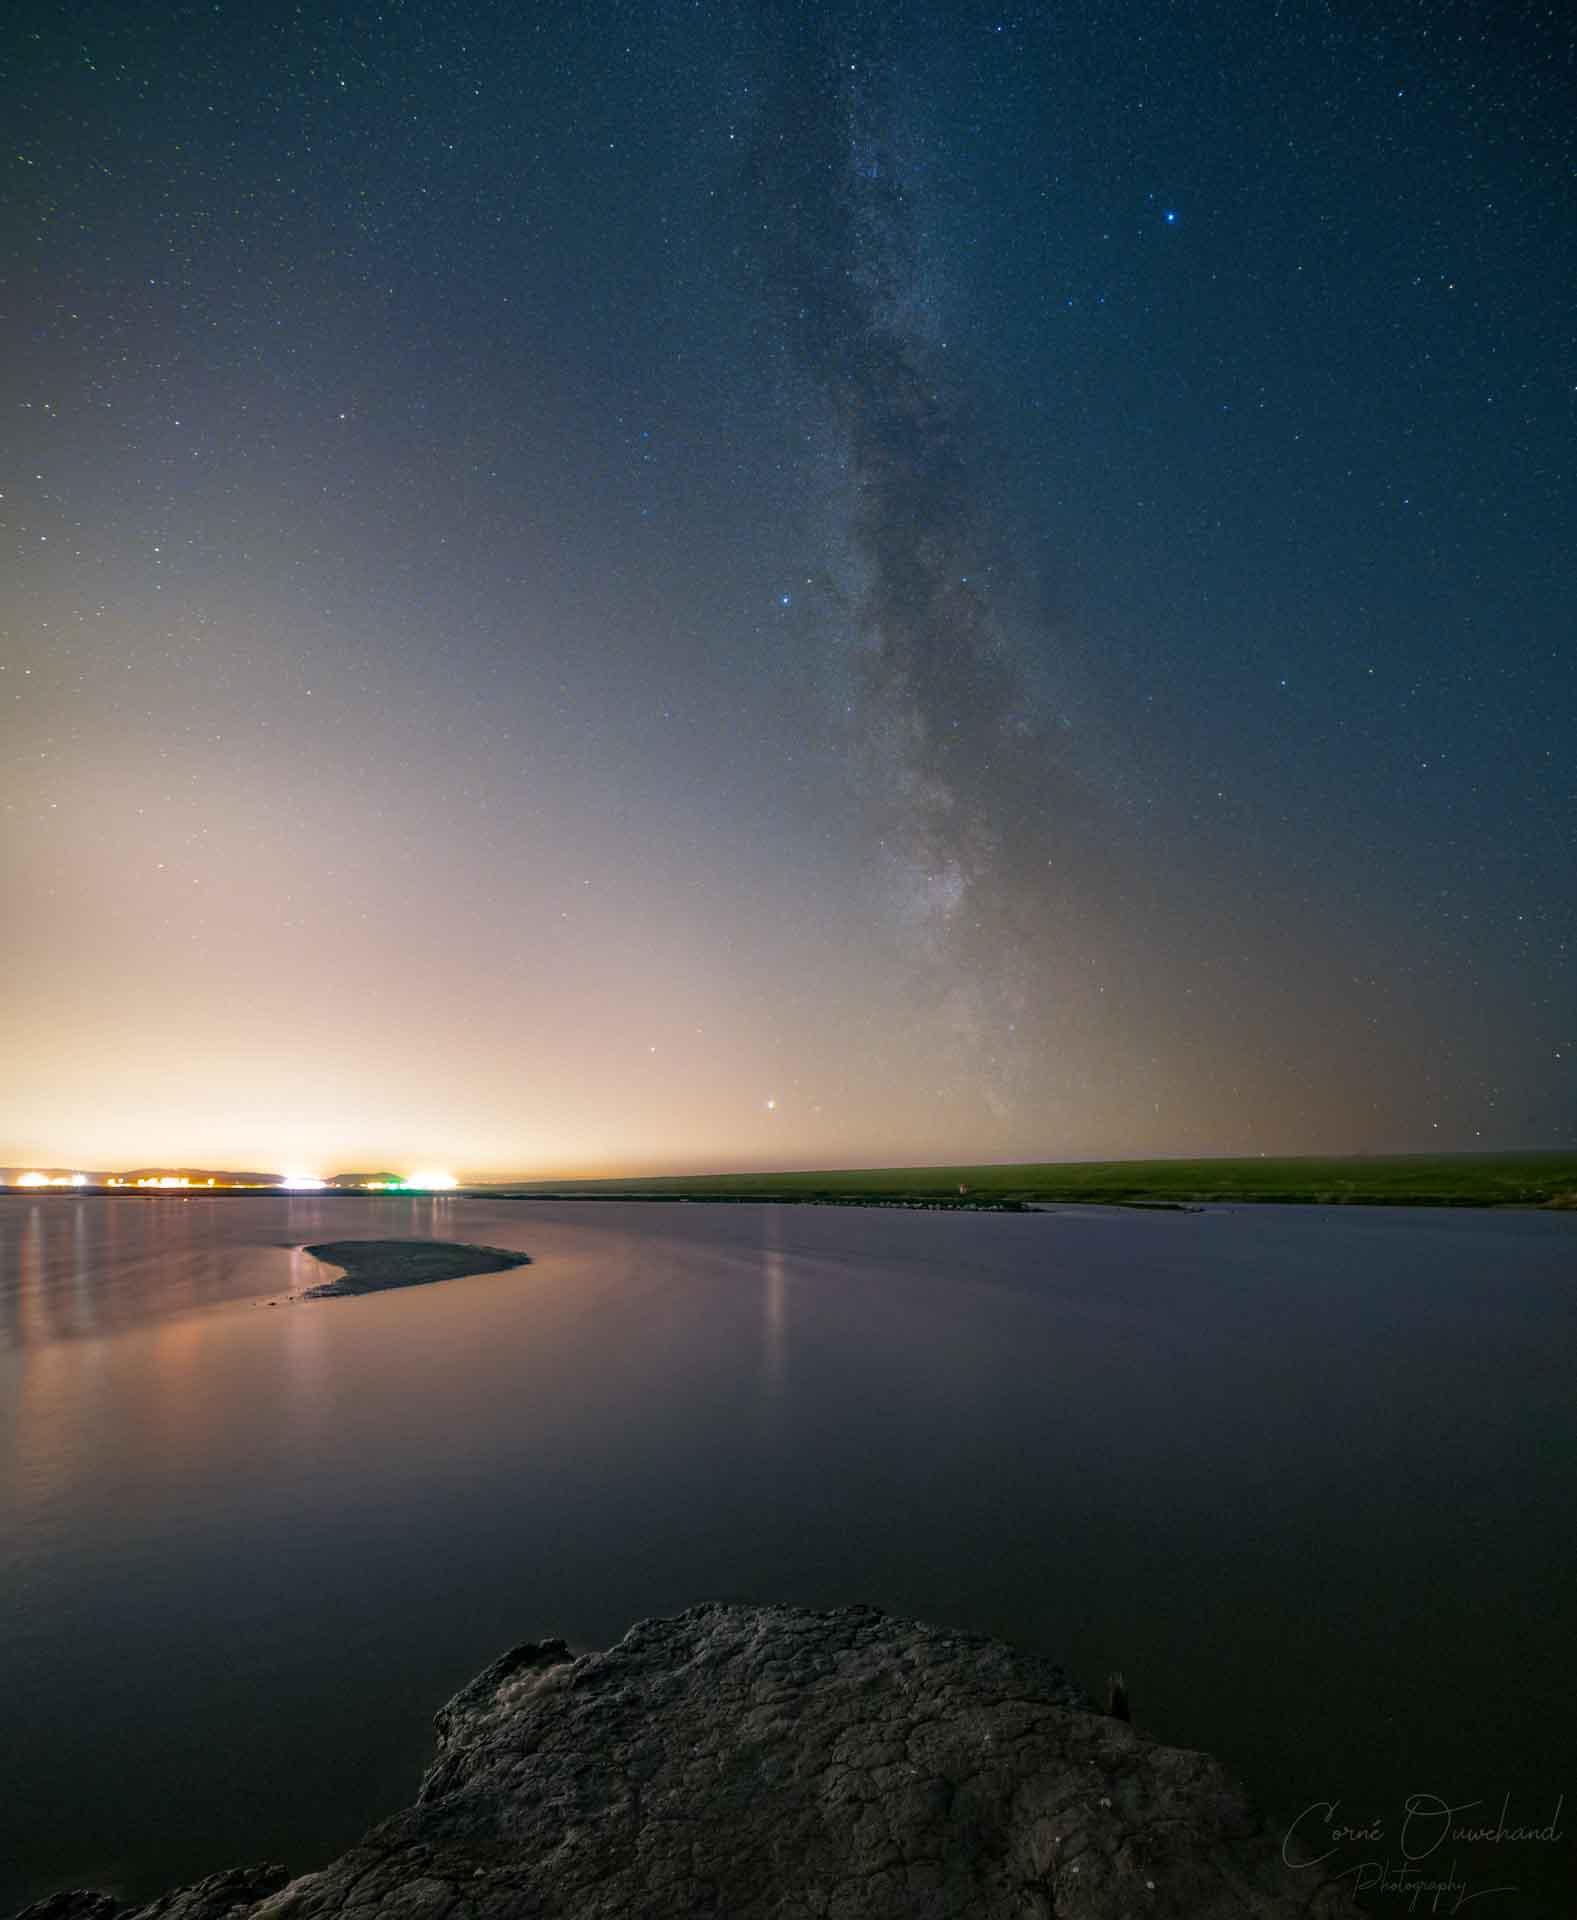 Melkweg, startracker